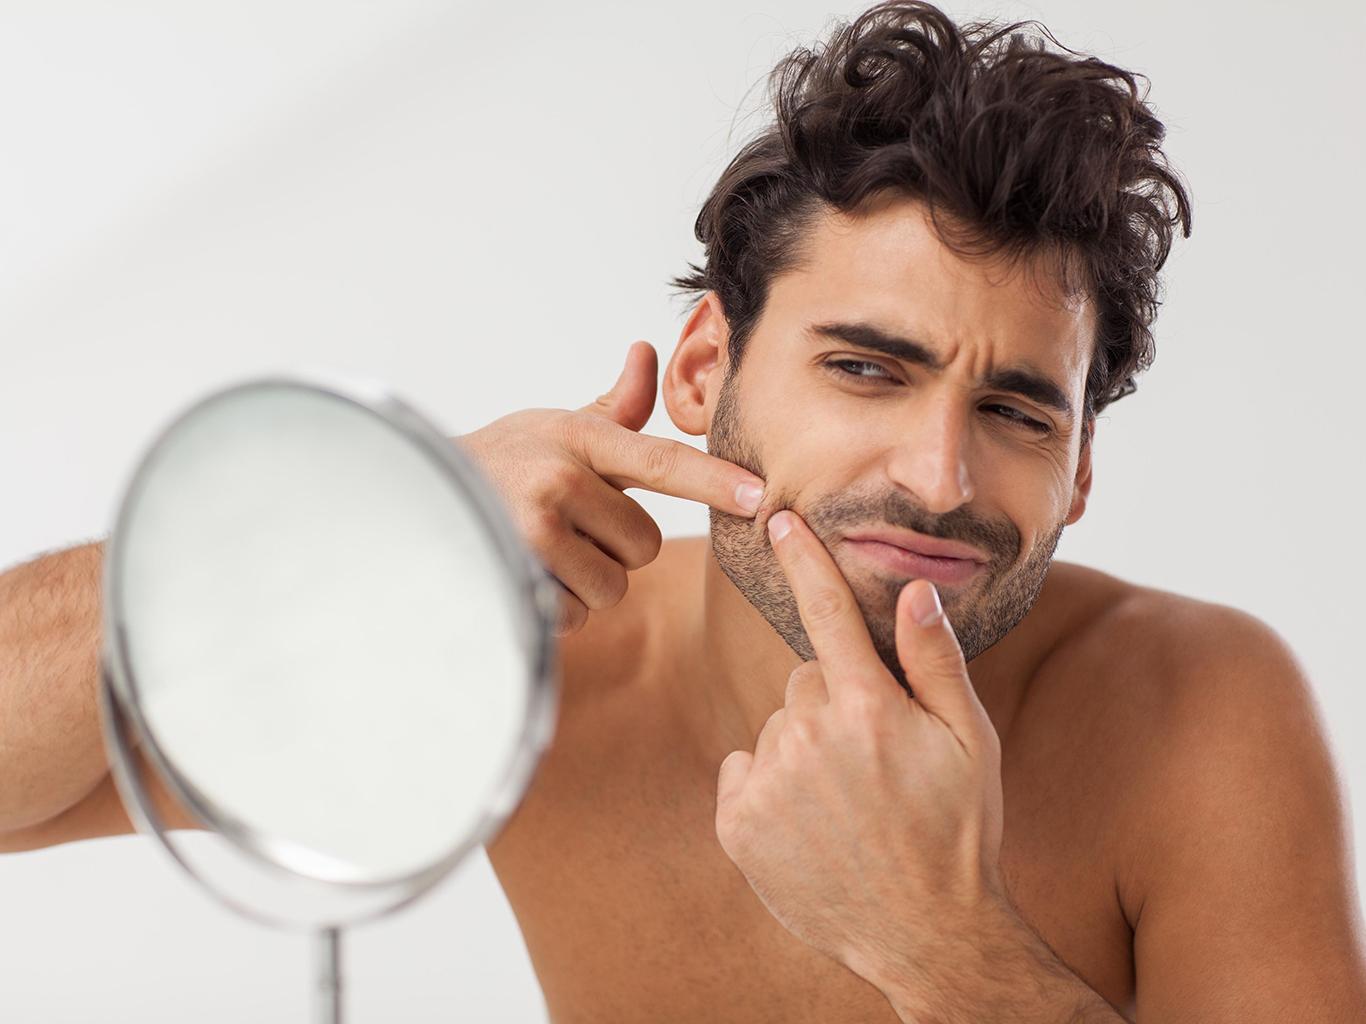 Раздражение от ношения маски у мужчин: как пережить 2020 и не потерять лицо